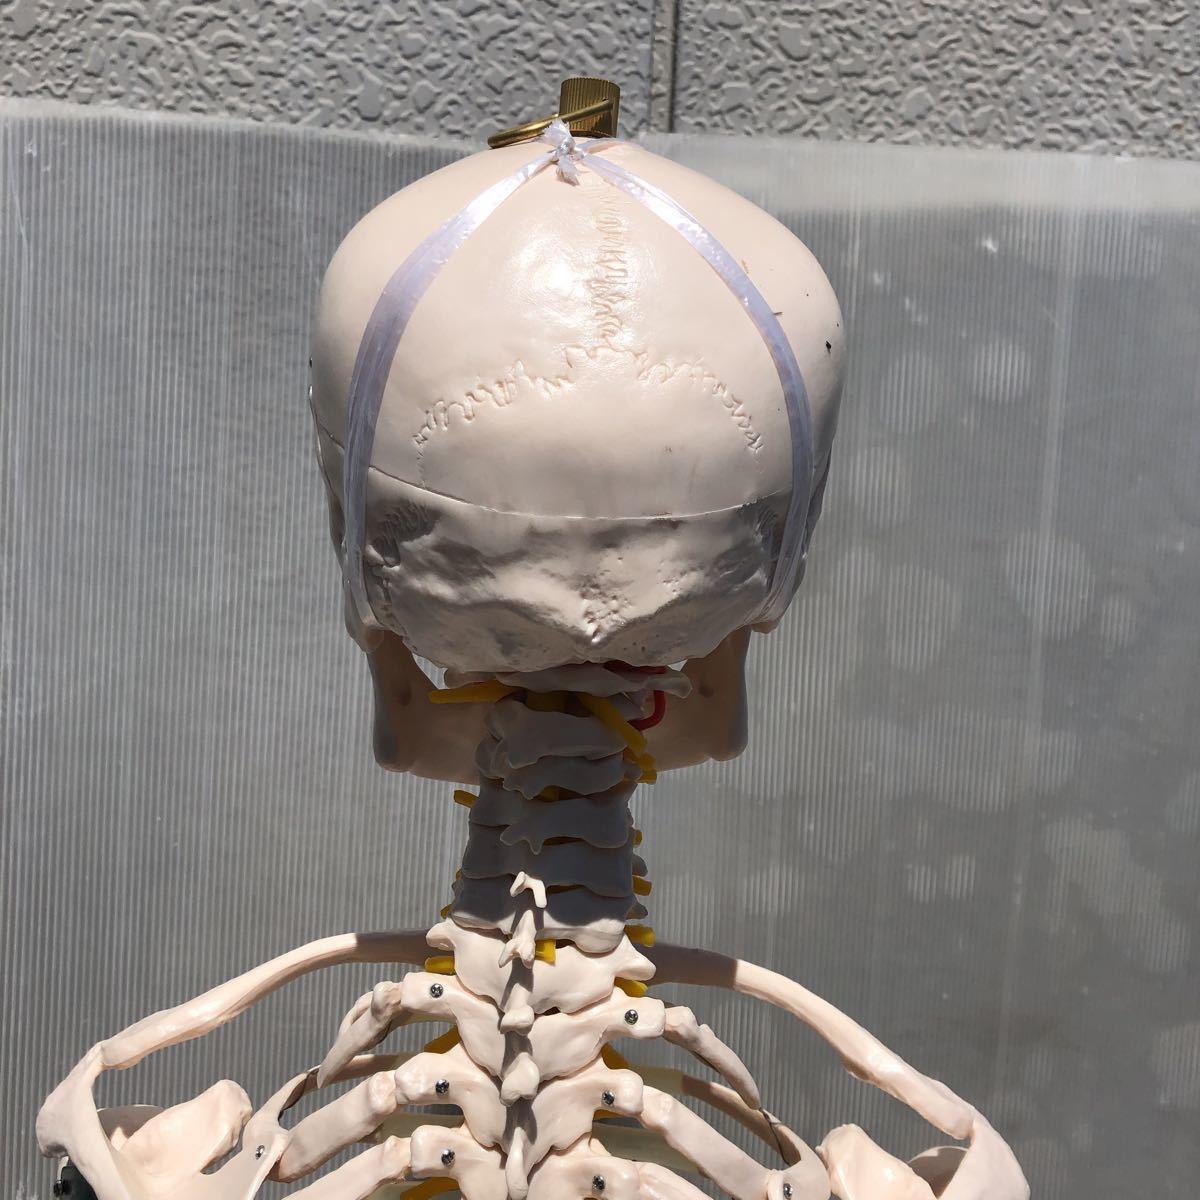 【美品】人体模型 骨格模型 骨格標本 等身大 ヒューマンスカル ガイコツ スカル 約165cm 医学 実験 骸骨 ジャンク 直接取引可能(矢199)_画像7